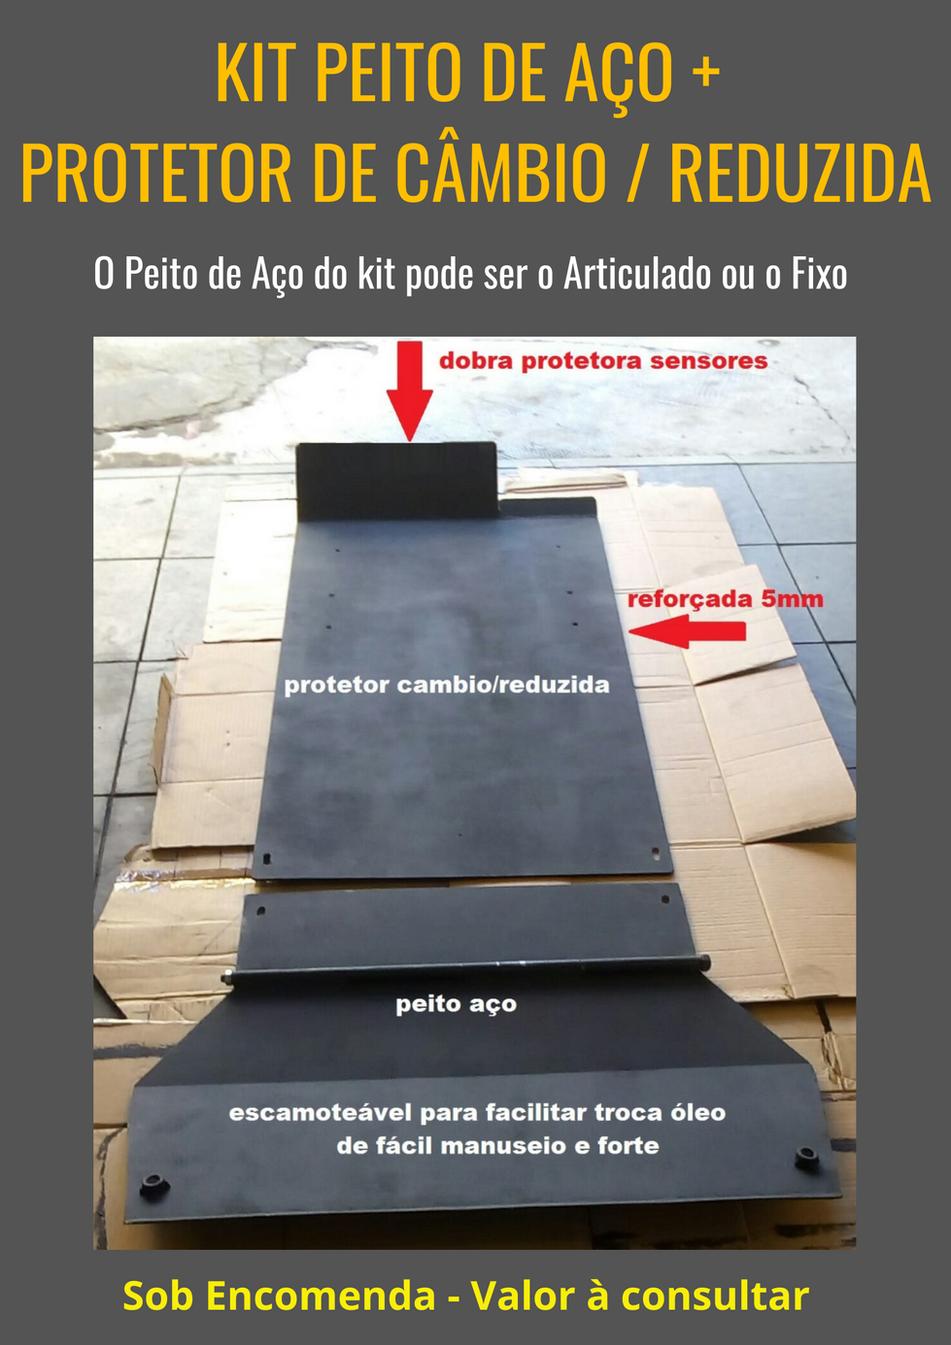 Kit Peito de Aço + Protetor de Câmbio e 4x4